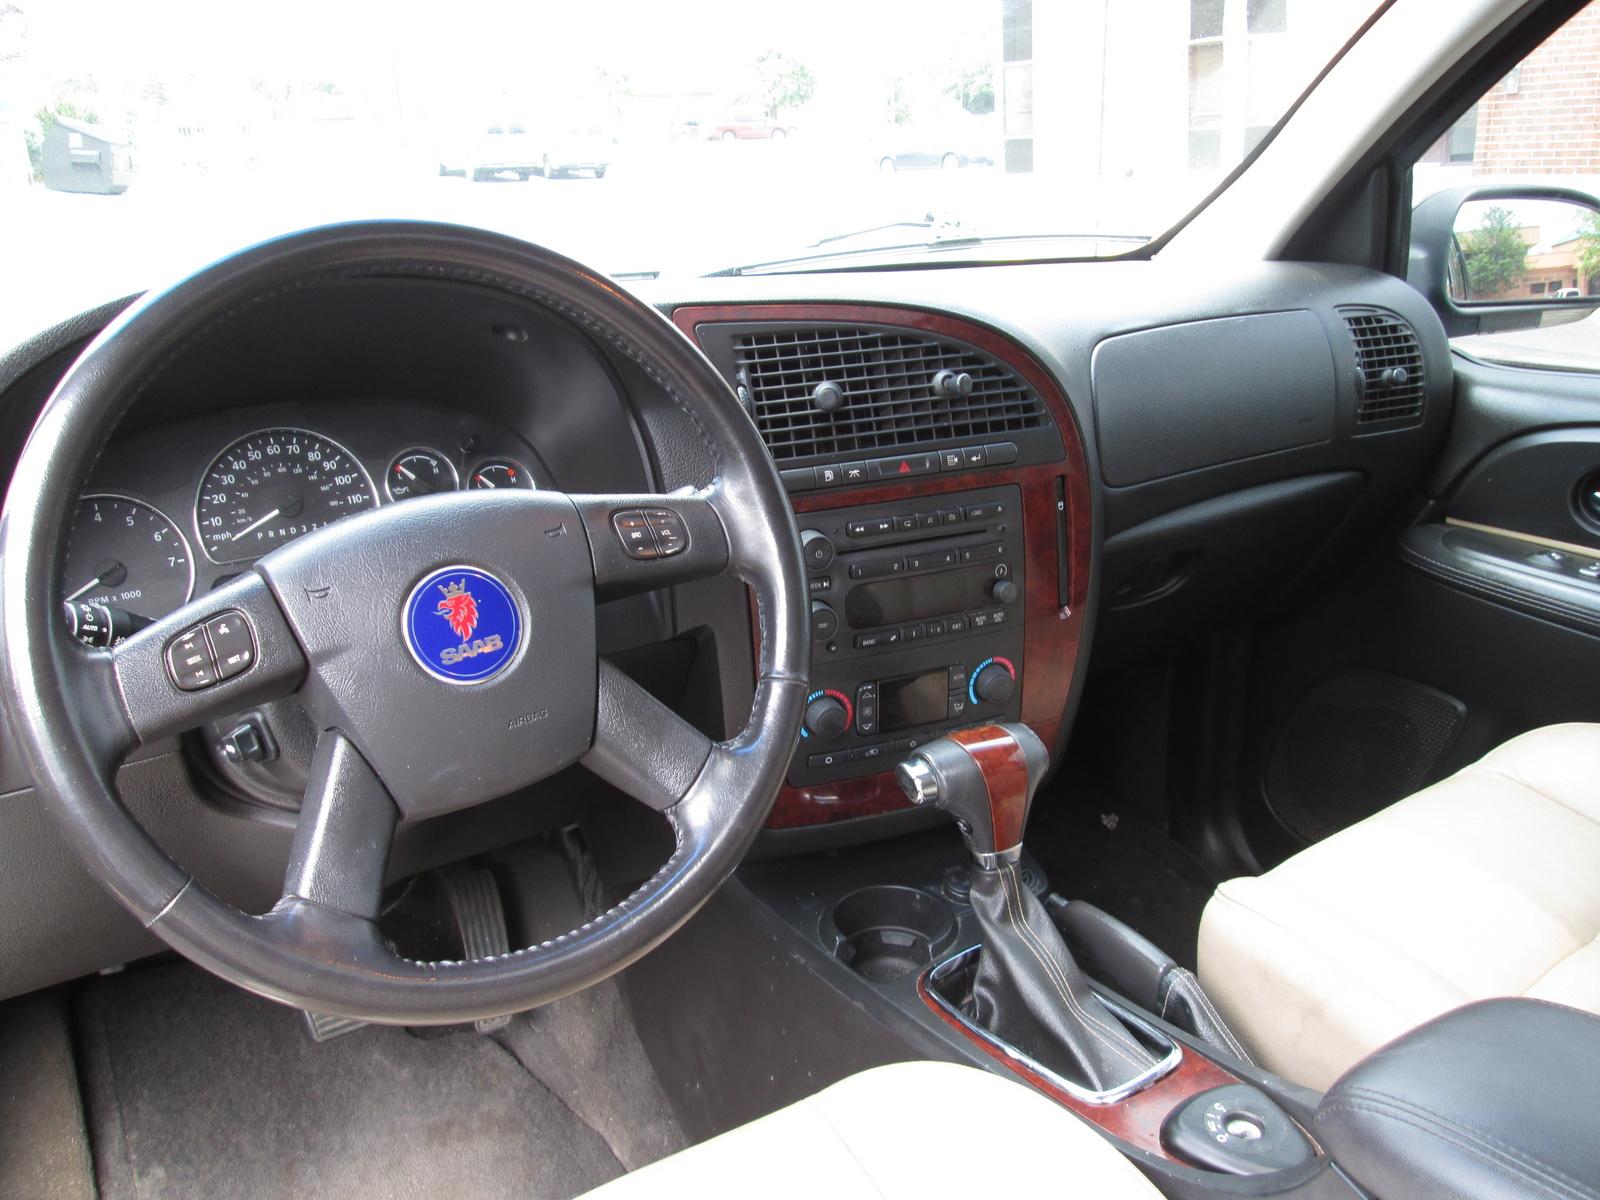 2006 Saab 9 7x 14